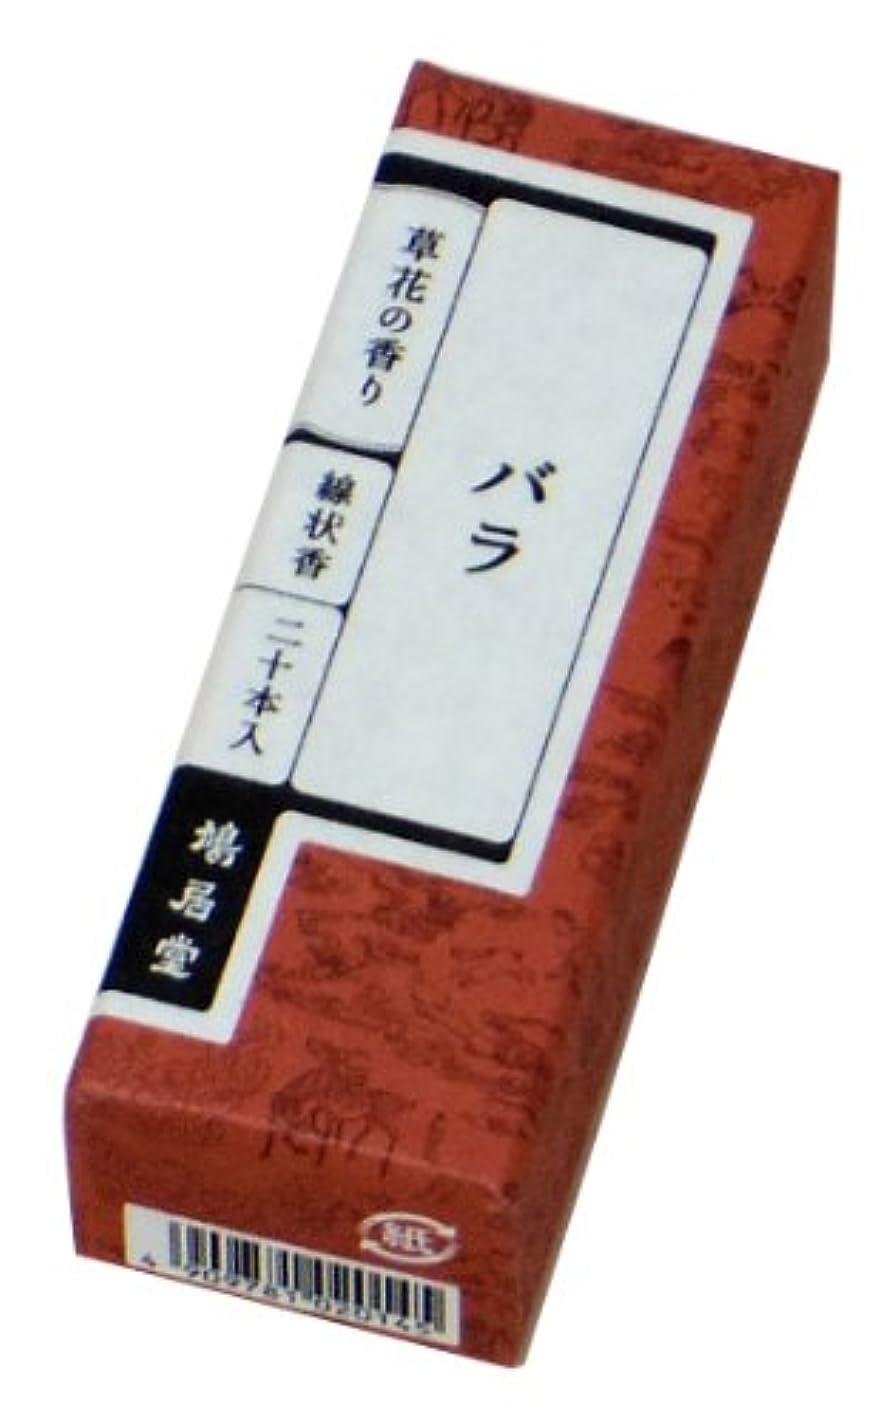 ひまわり機関車周波数鳩居堂のお香 草花の香り バラ 20本入 6cm